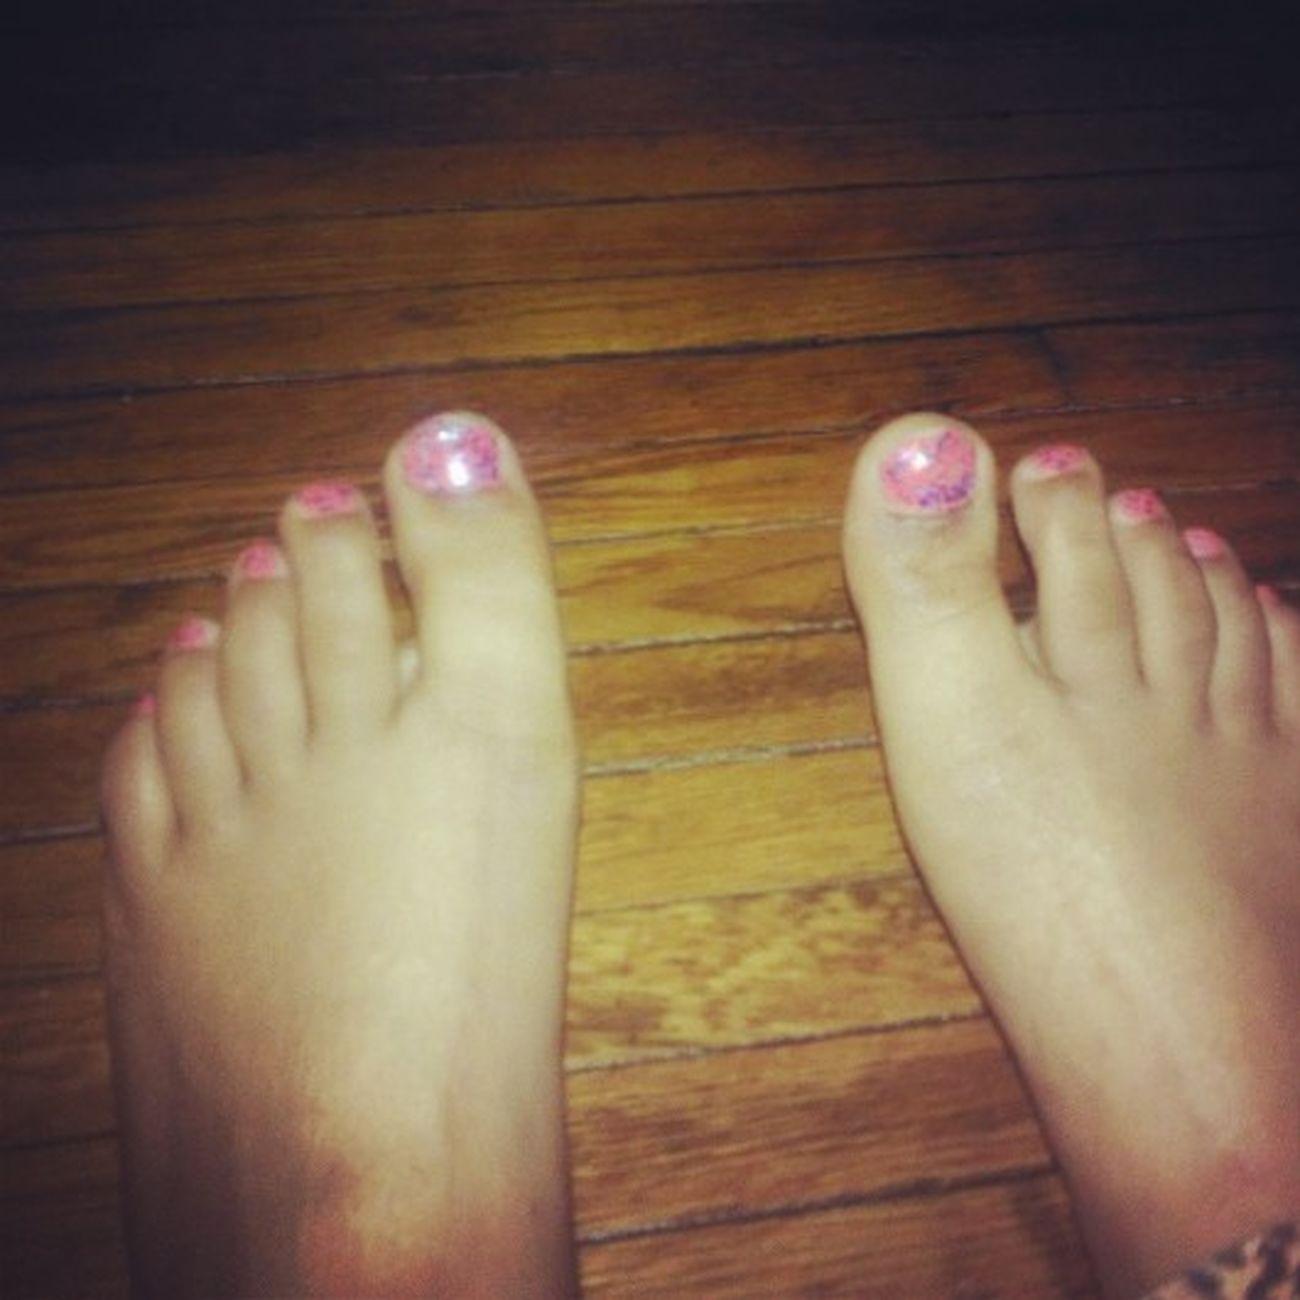 Team Little Feet